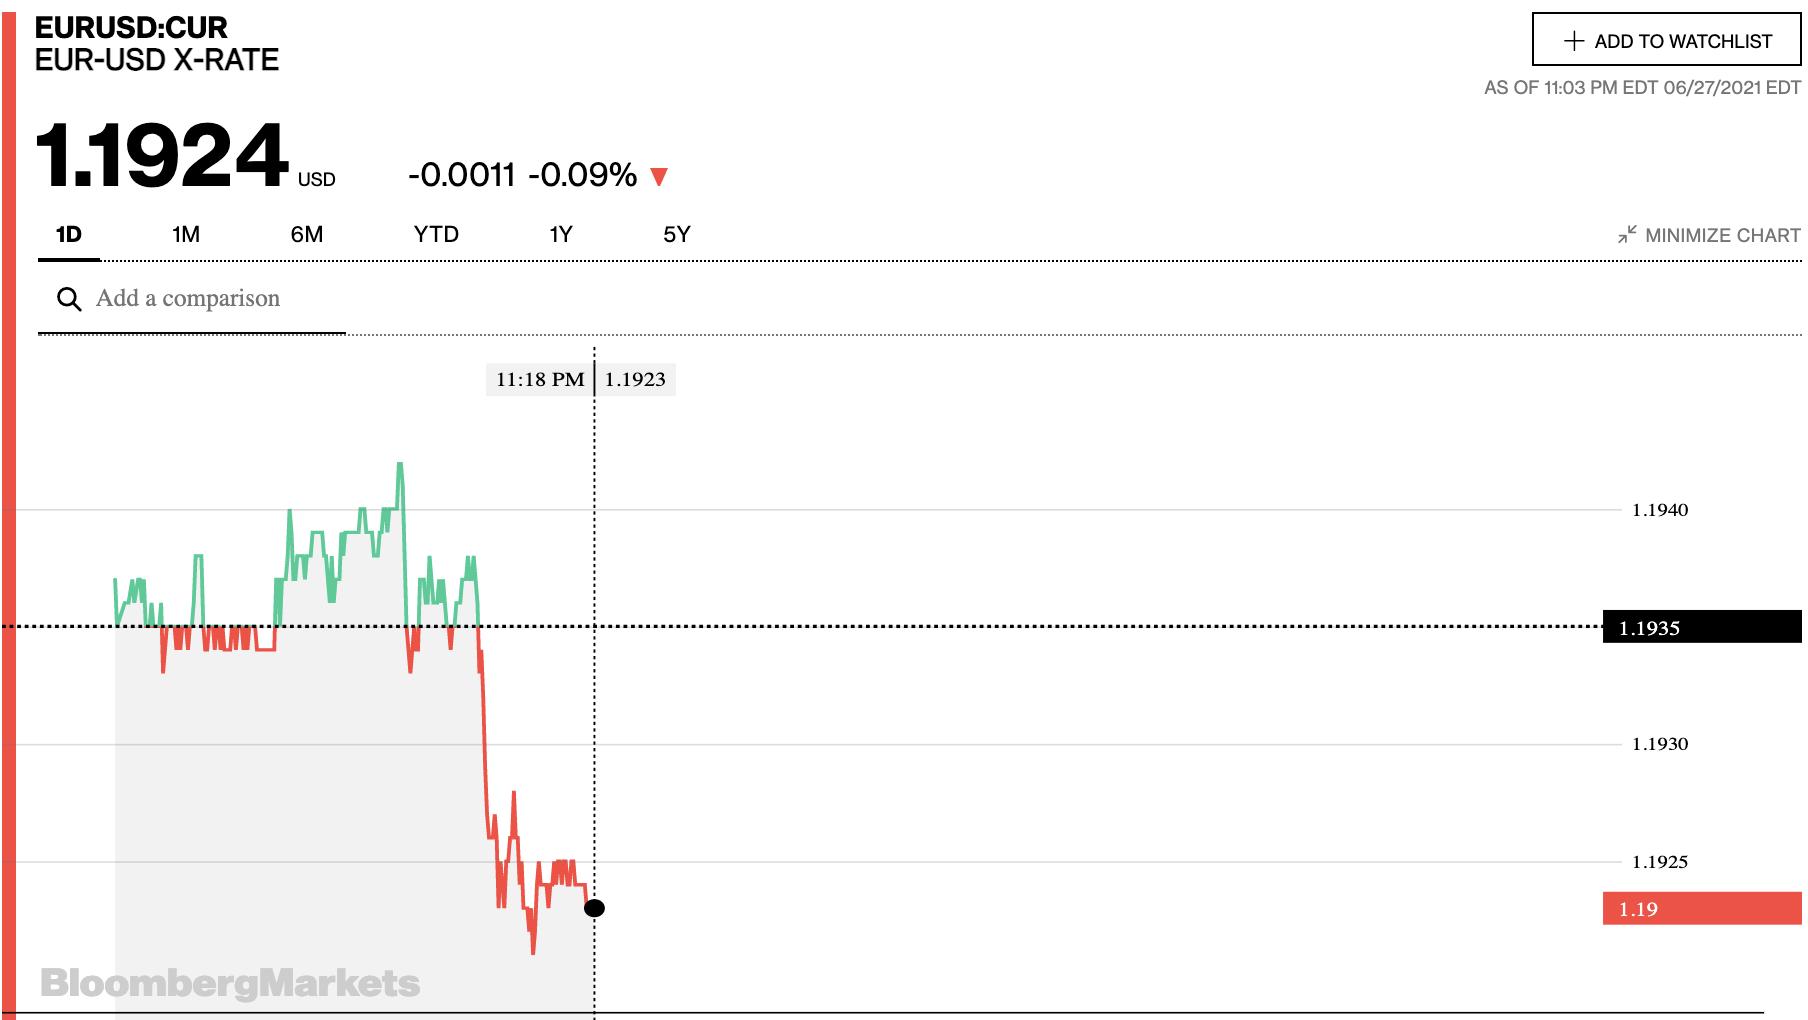 Tỷ giá euro hôm nay 28/6: Xu hướng giảm chiếm đa số ngân hàng ngày đầu tuần - Ảnh 2.